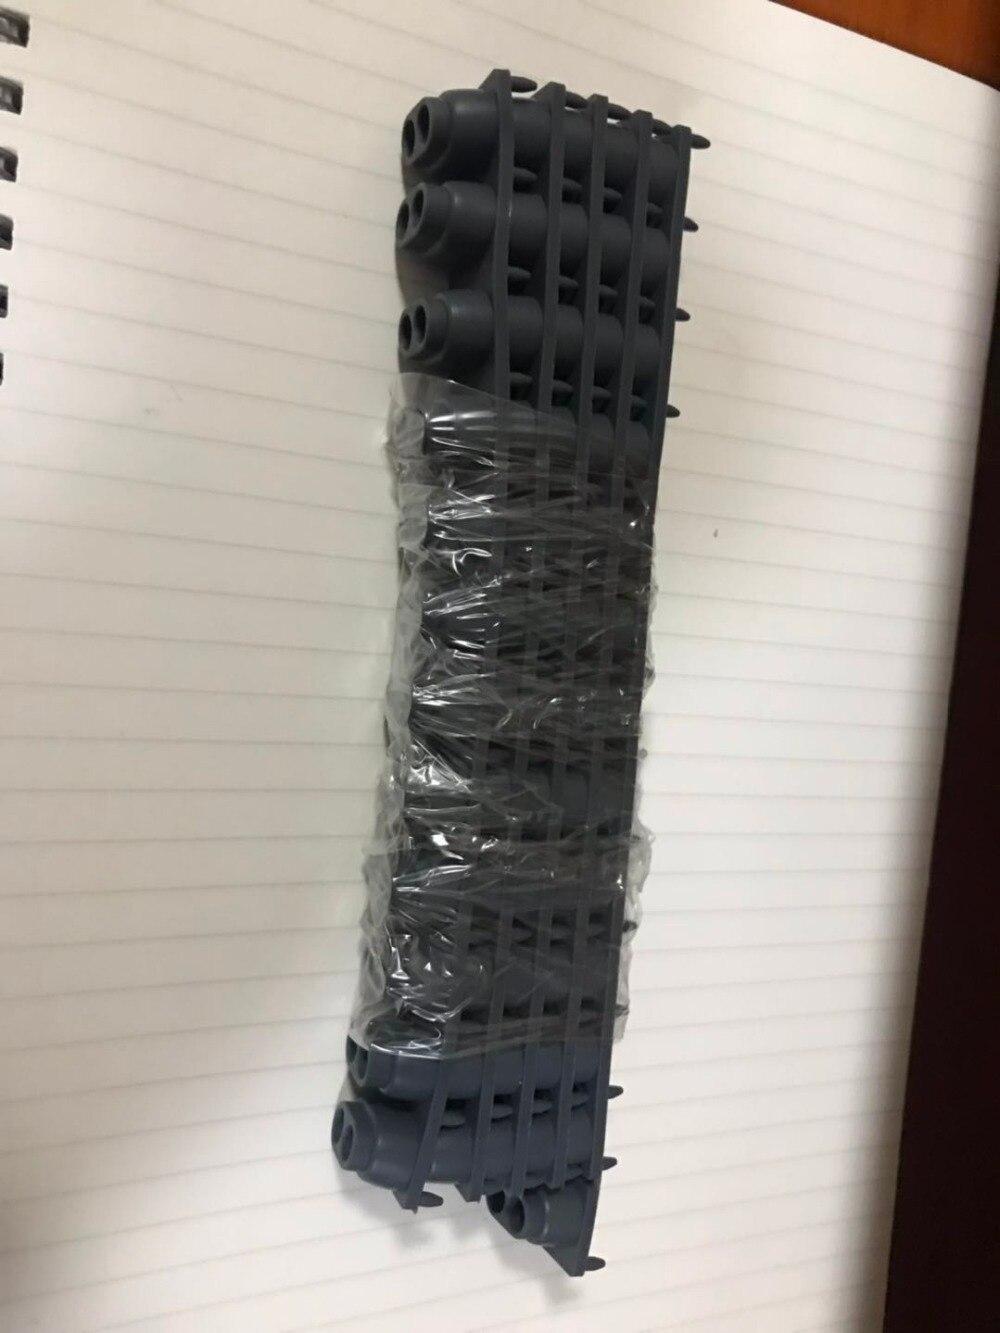 5 pçs/lote almofada de contato de borracha condutora botão d-pad para yamaha PSR-E413/s500/s550/gx76/e423/e433/s650